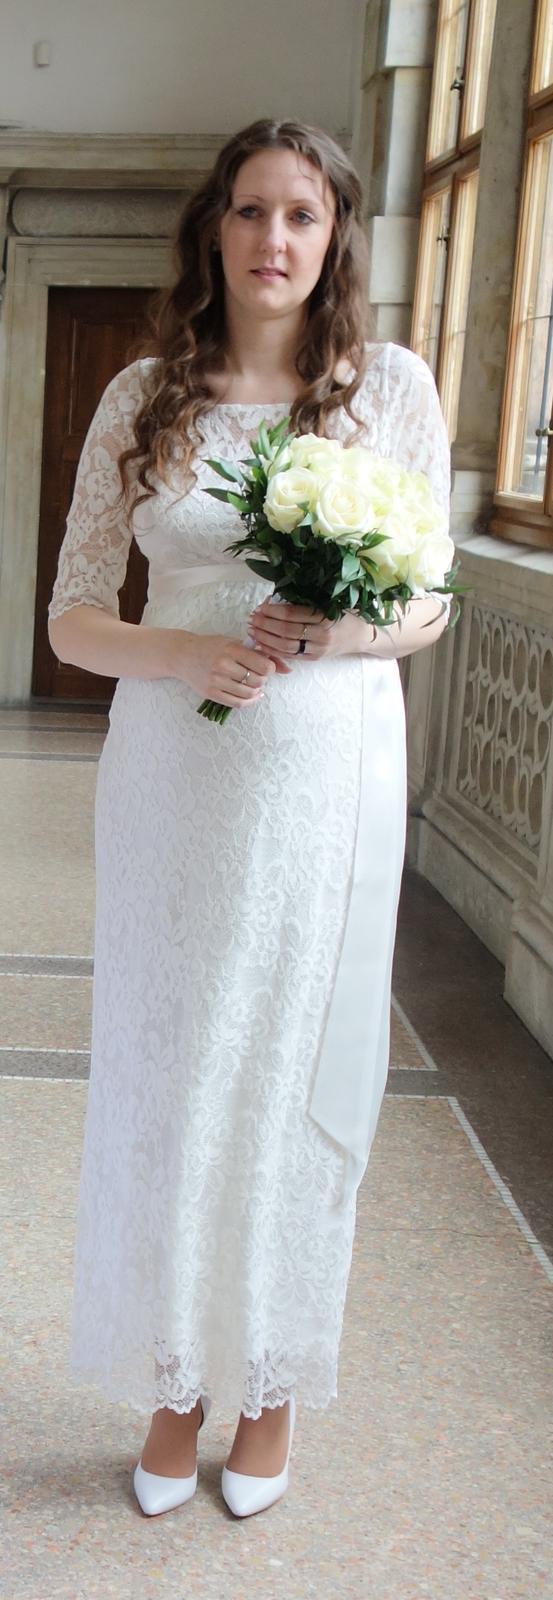 Těhotenské svatební šaty Tiffany Rose - 38/40 - Obrázek č. 1